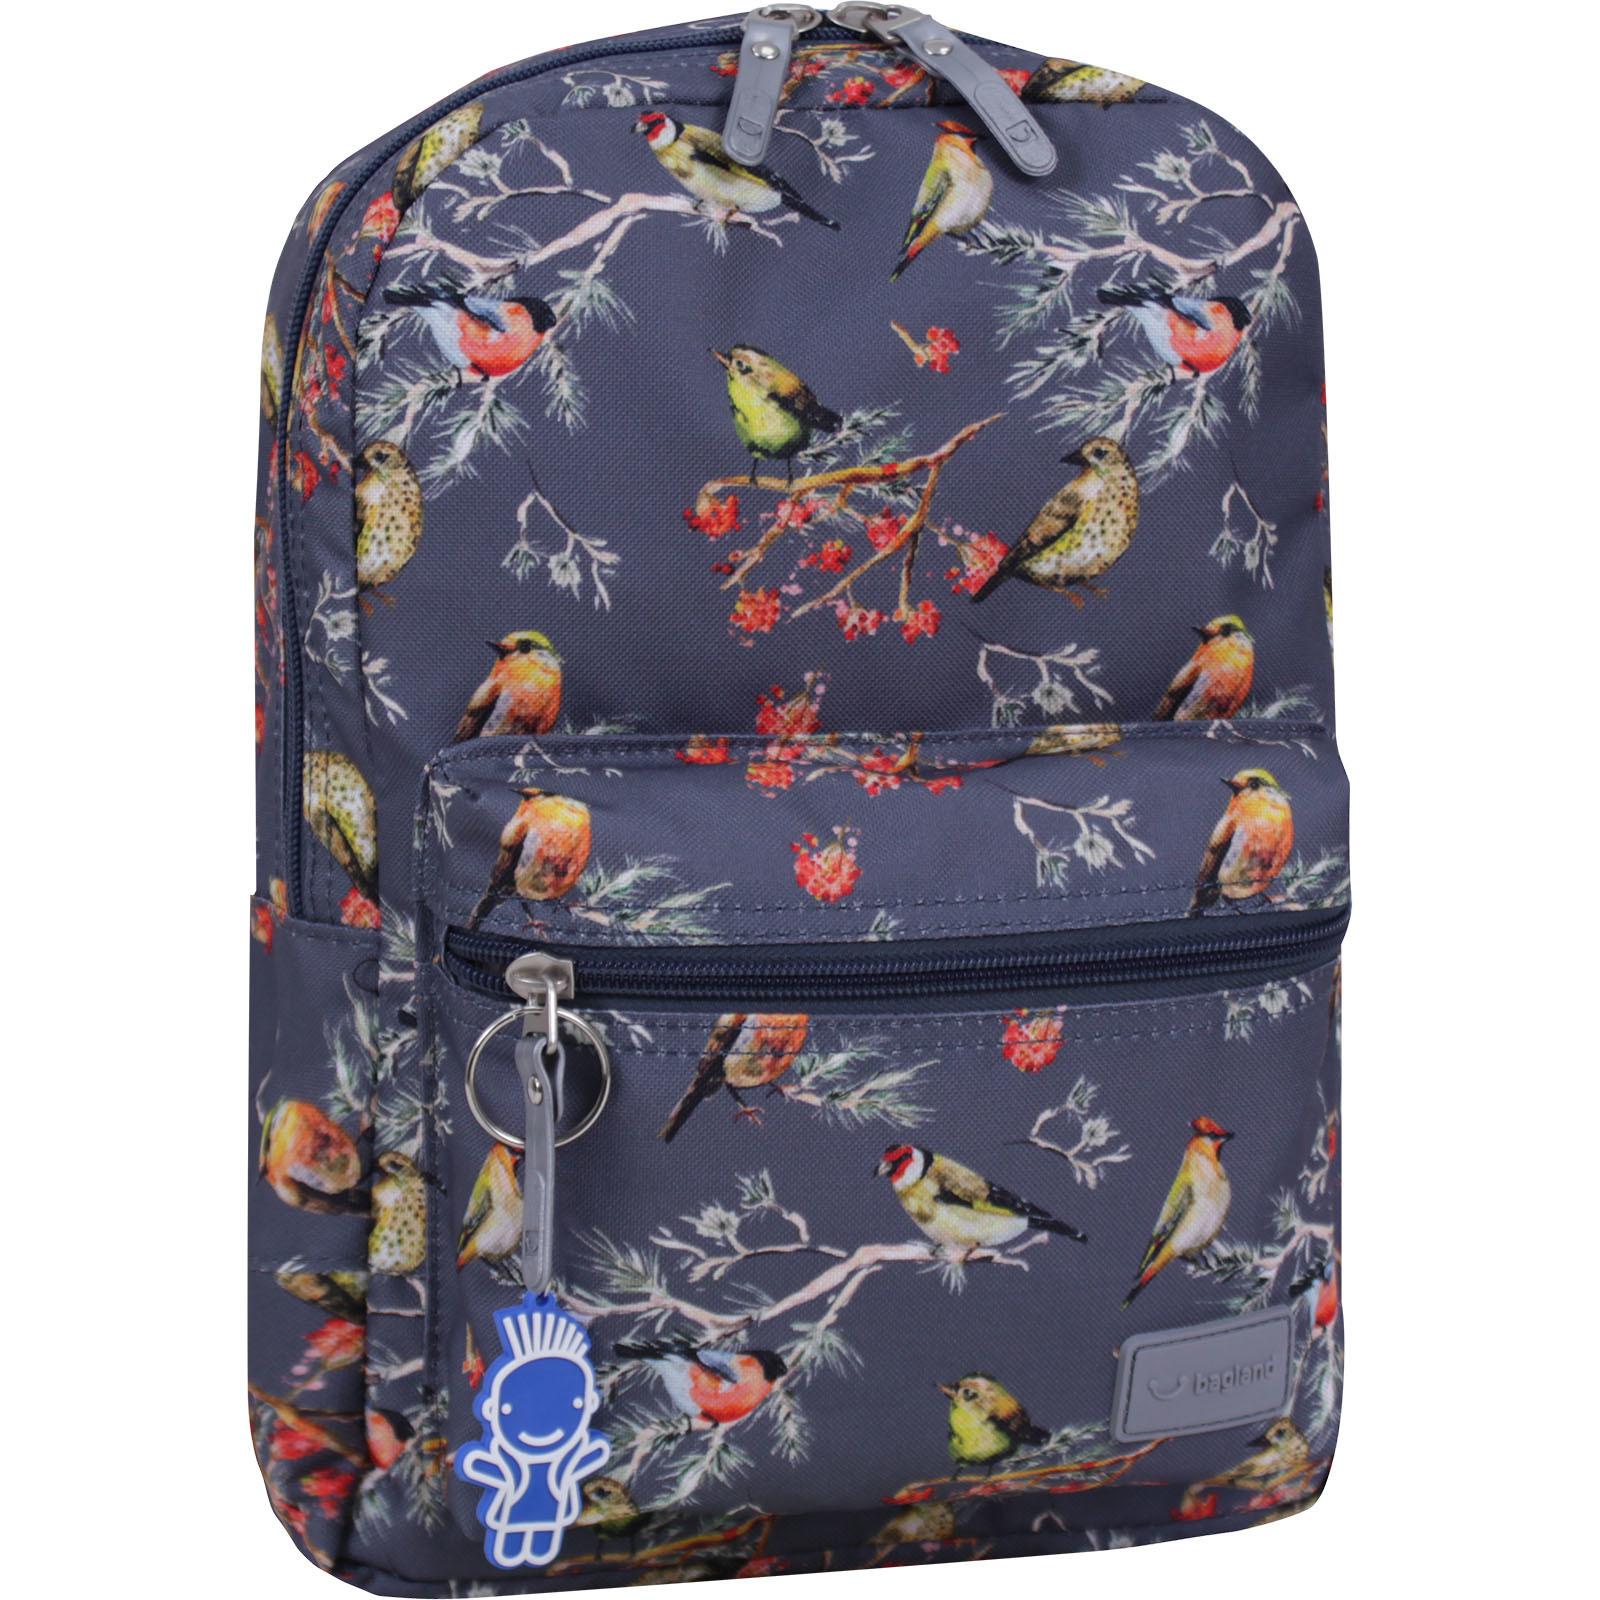 Молодежные рюкзаки Рюкзак Bagland Молодежный mini 8 л. сублімація 445 (00508664) IMG_8223суб445-1600.jpg